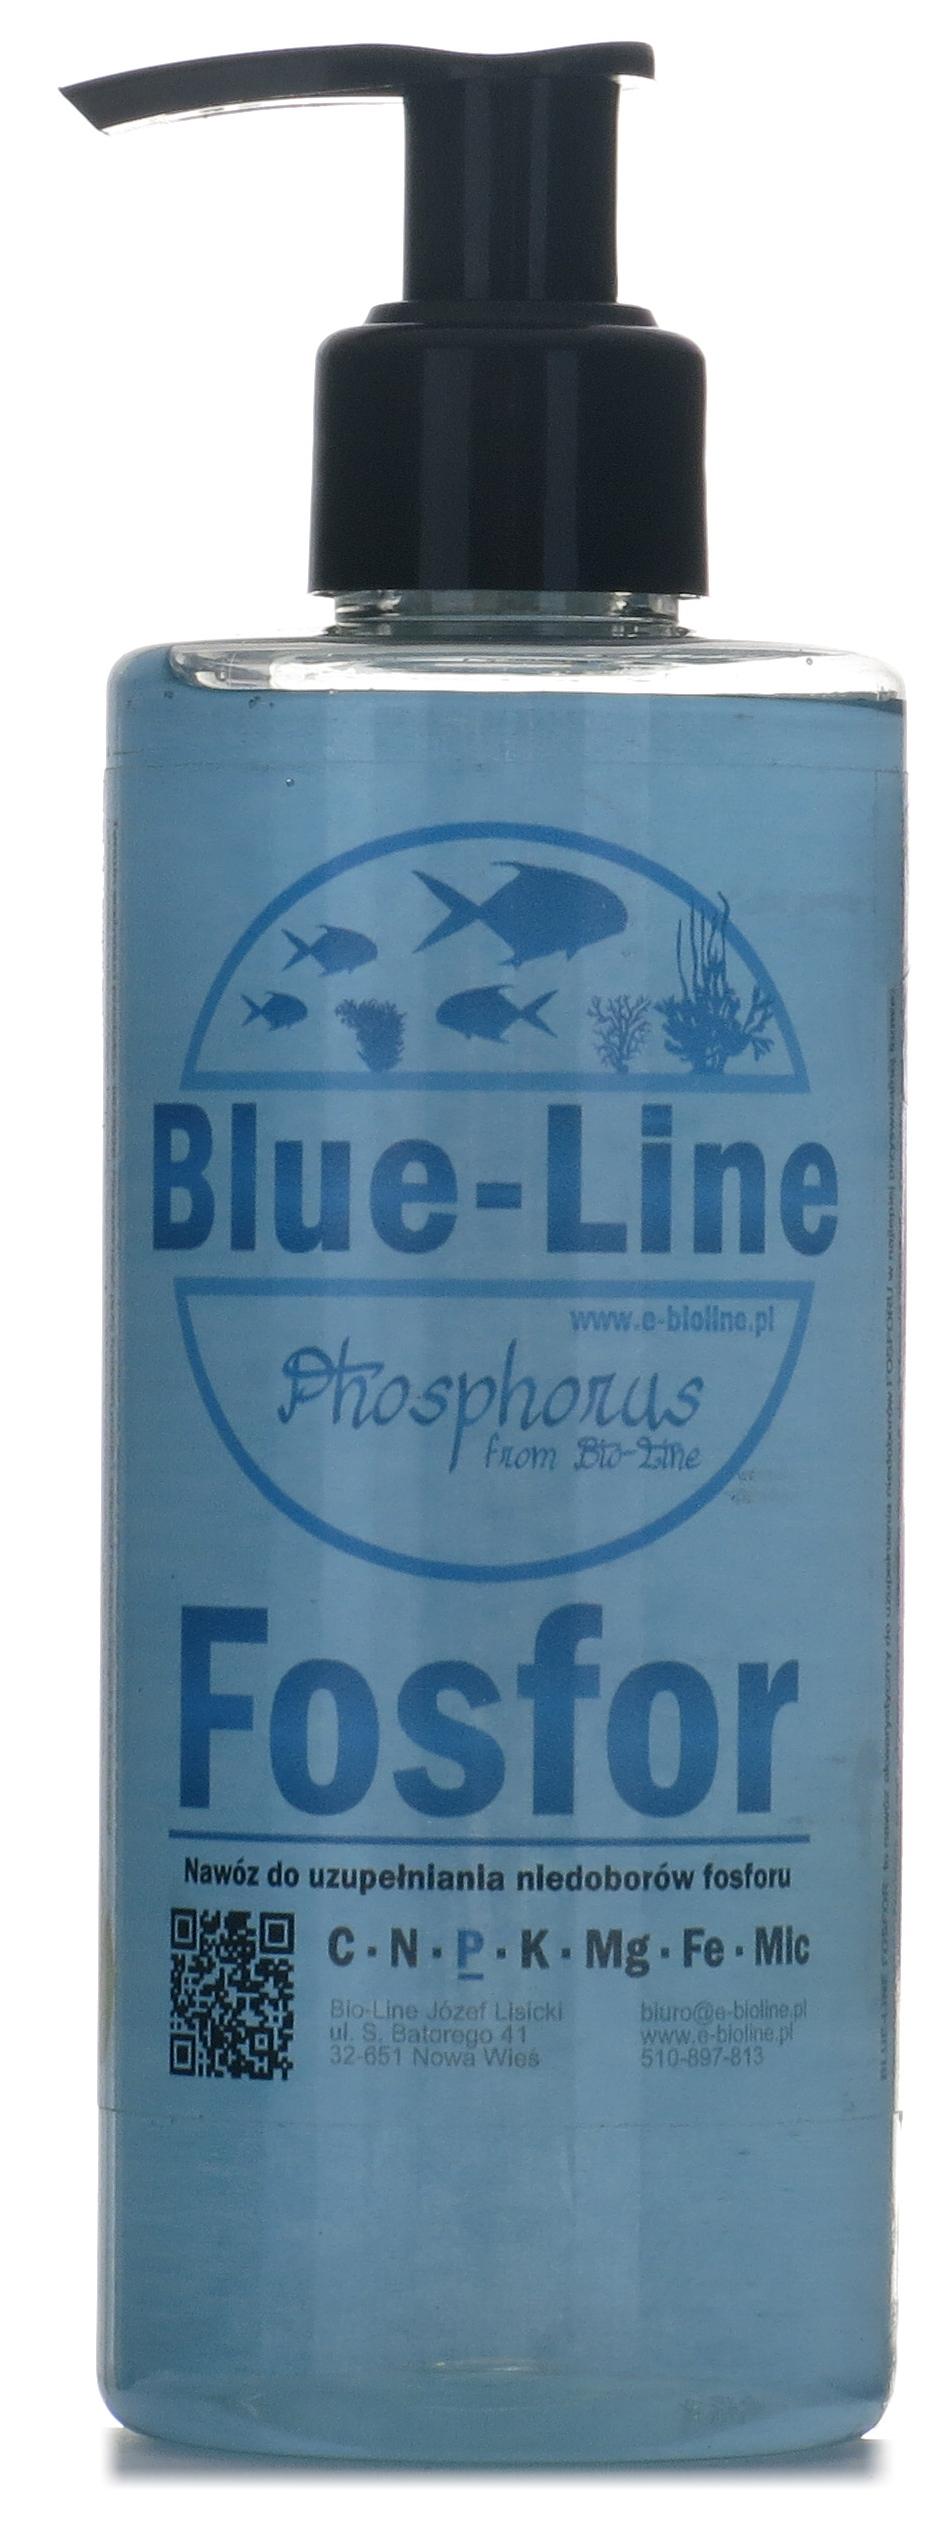 Удобрения и фосфорная кислота от Blue-Line - чистый ФОСФОР 500 мл